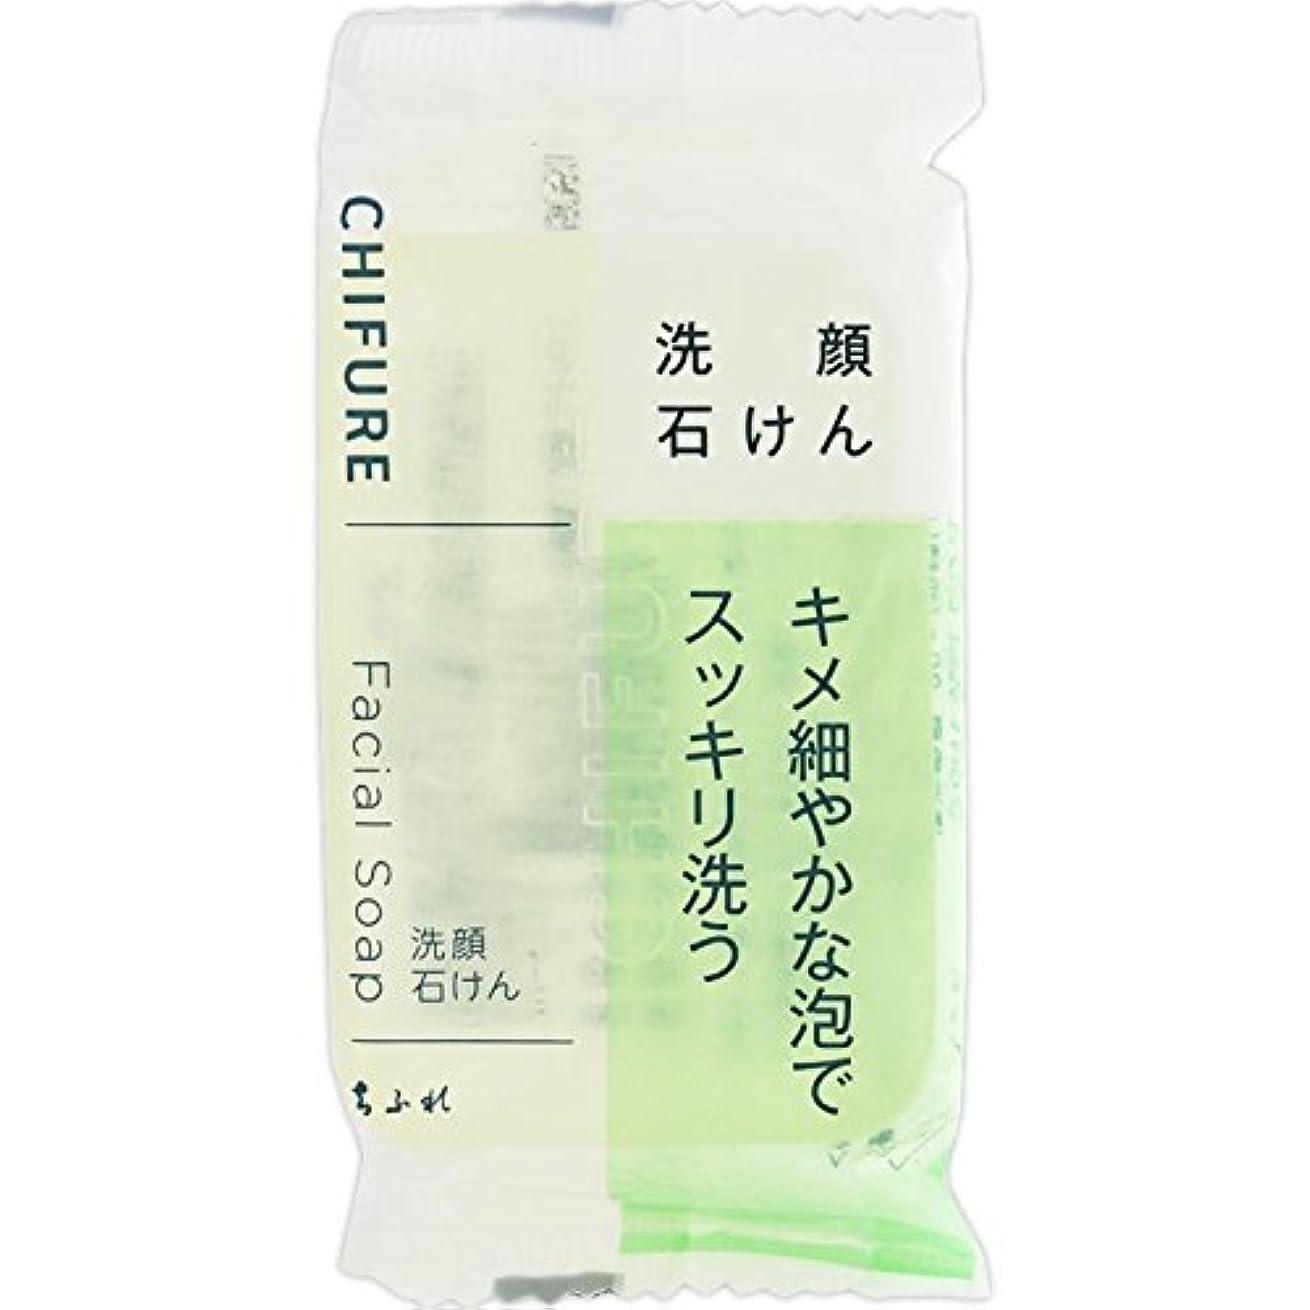 トーン合金発見するちふれ 洗顔石鹸80g無香料?無着色